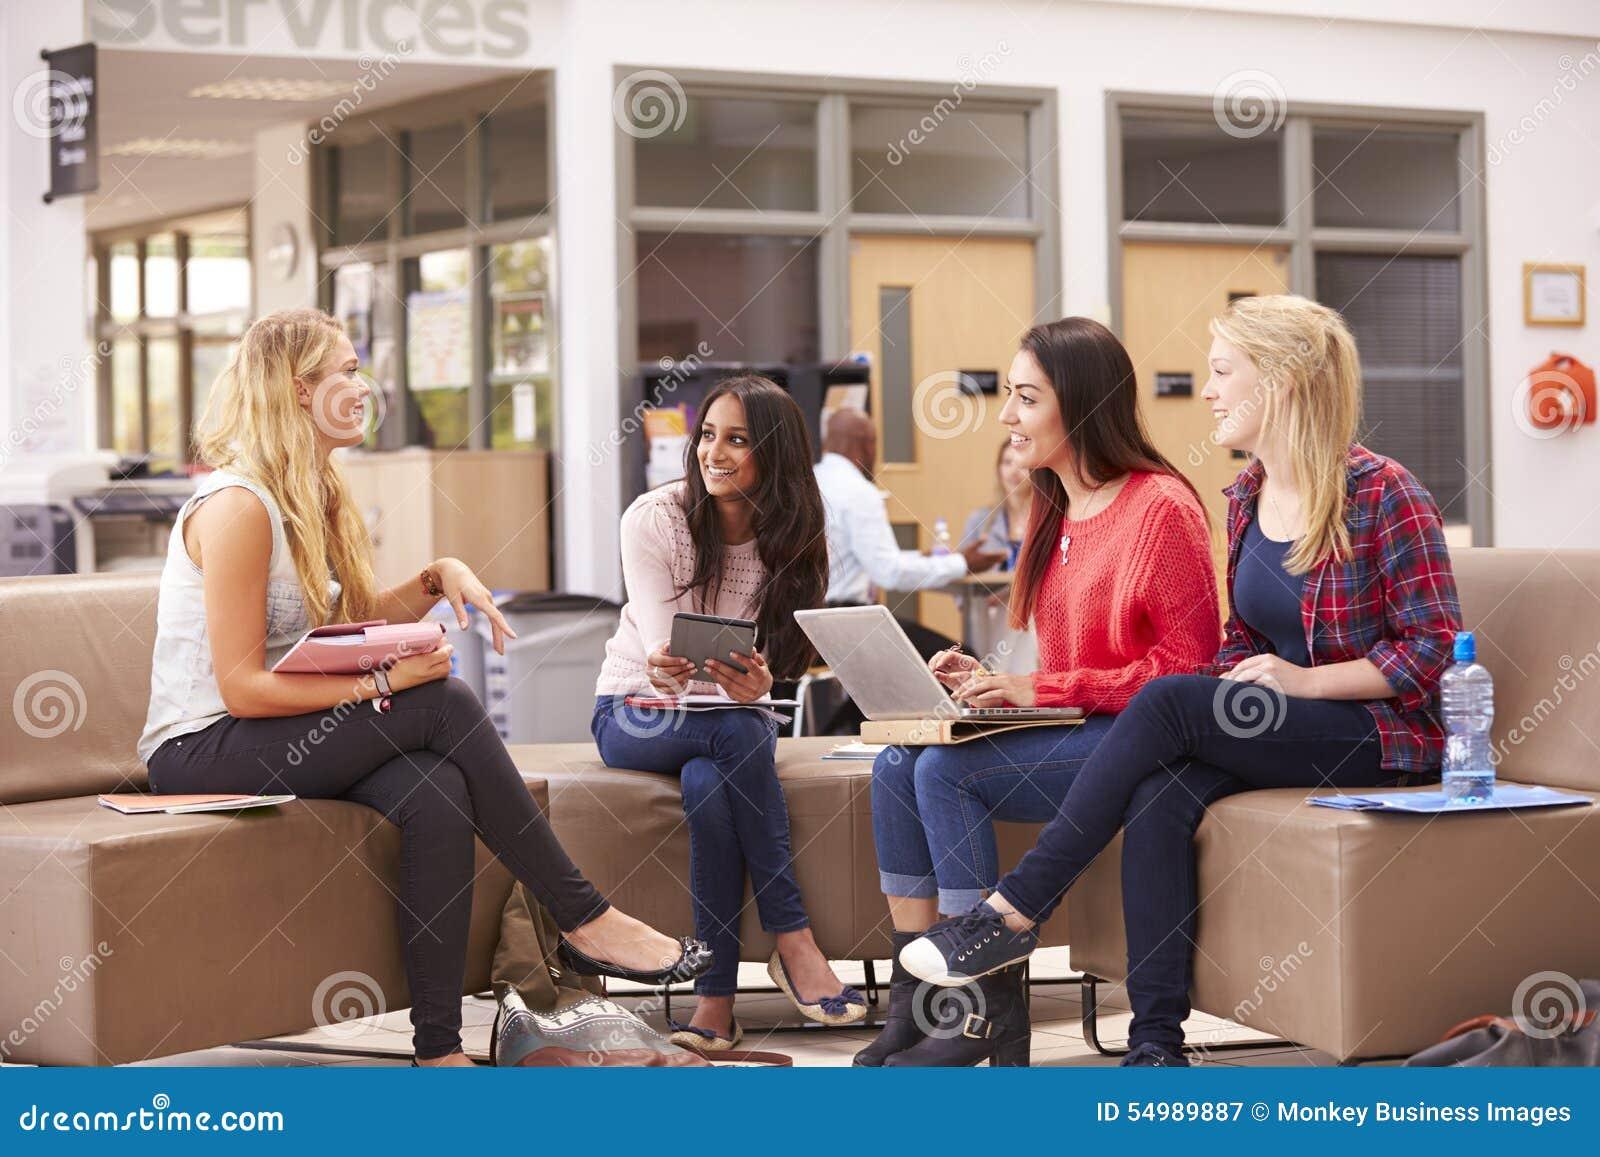 Weibliche Studenten, die zusammen sitzen und sprechen